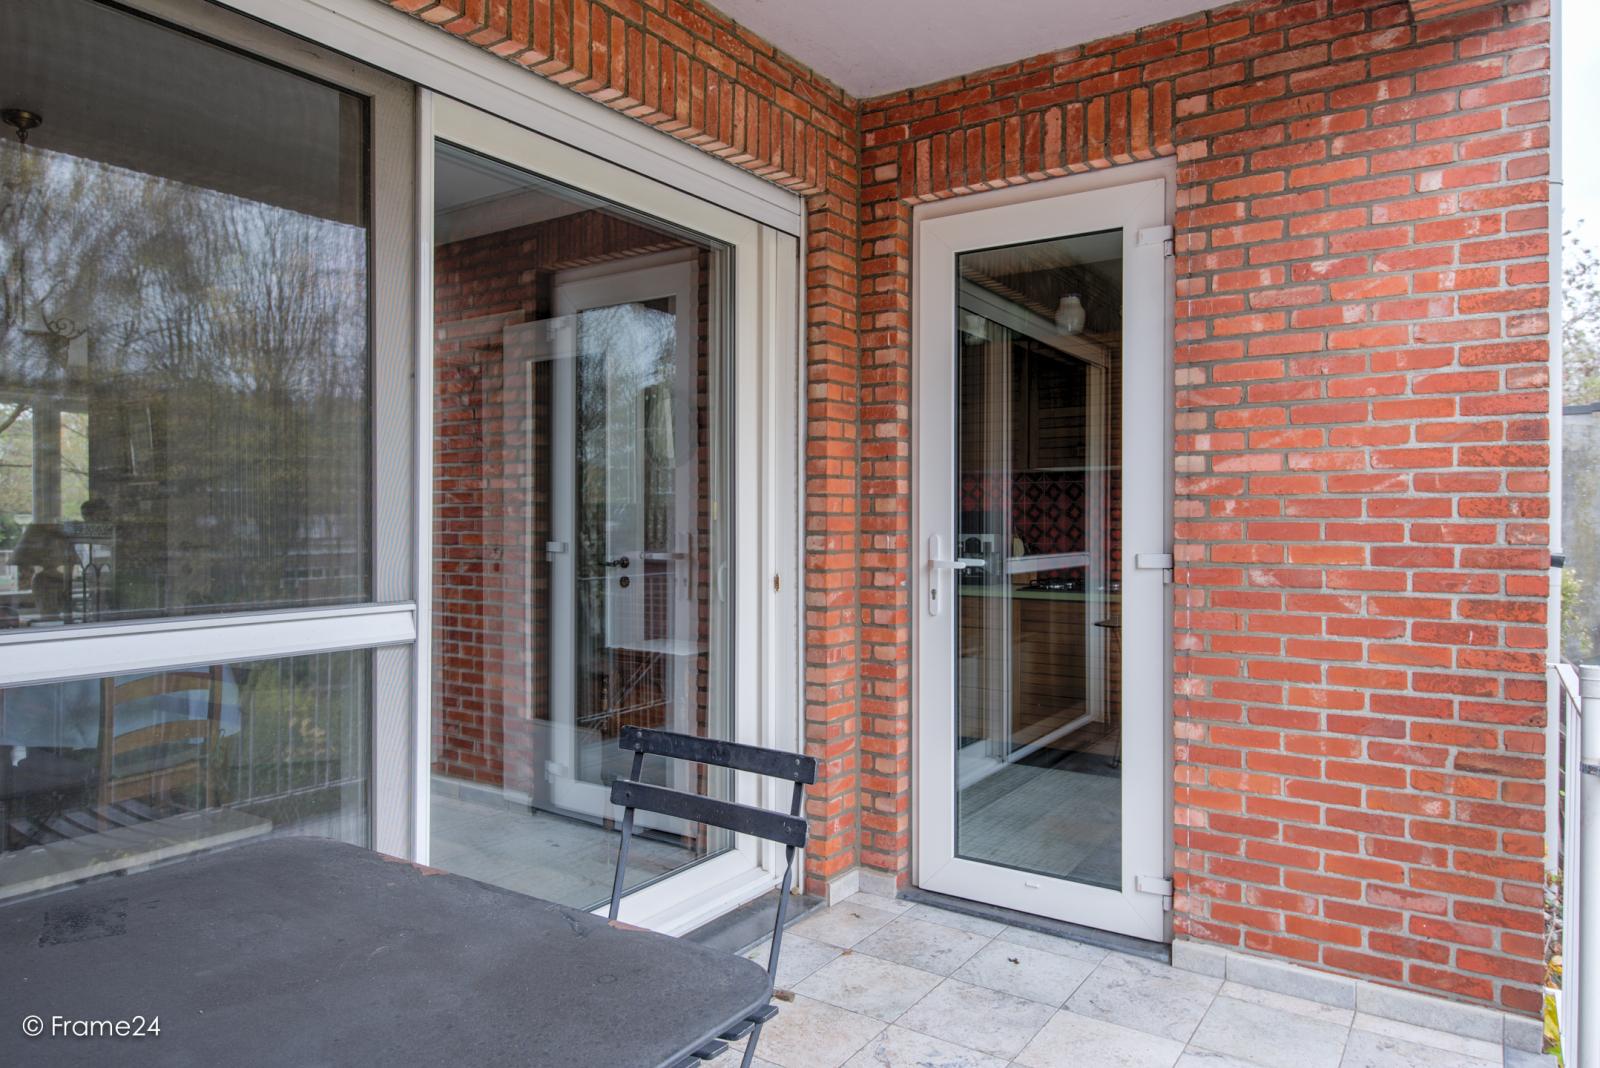 Zeer verzorgde bel-étagewoning met drie slaapkamers op toplocatie te Wijnegem! afbeelding 11